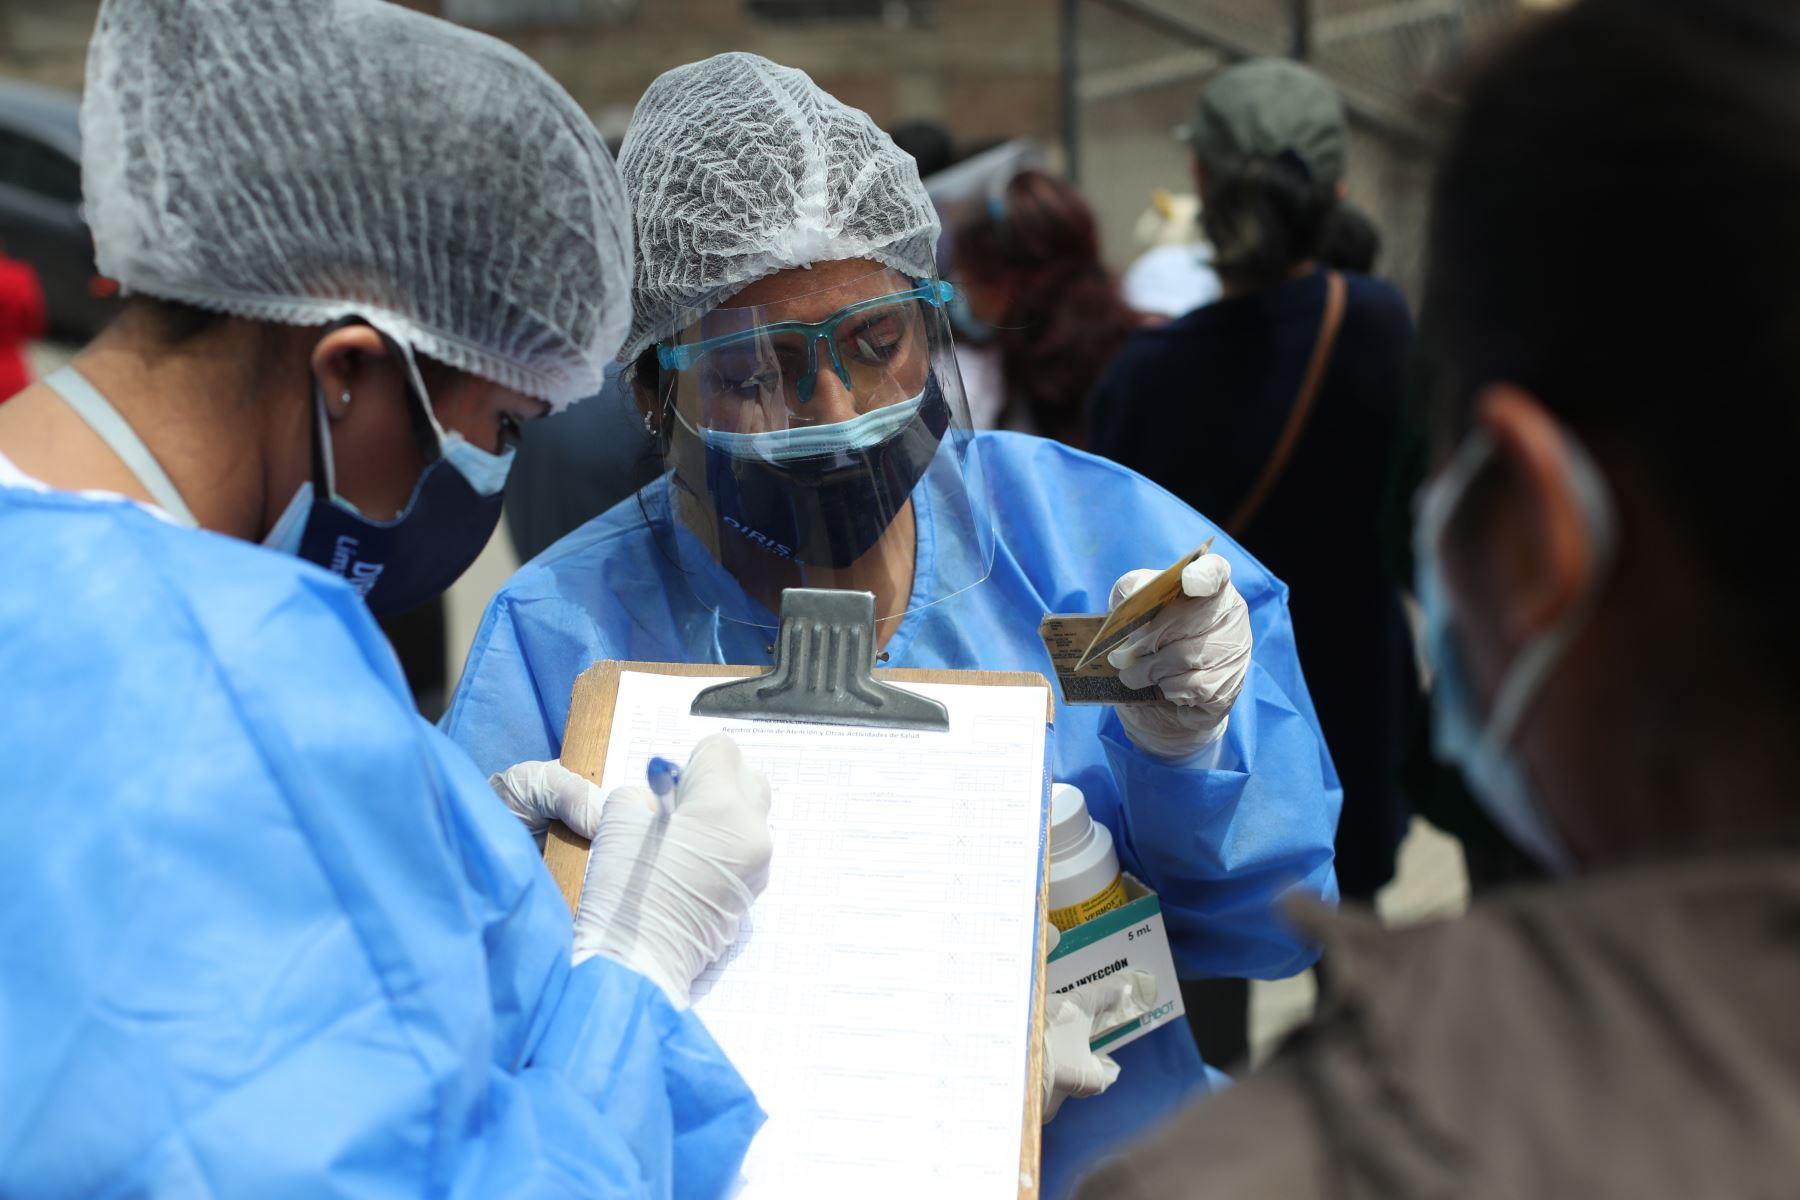 """Campaña de vacunación contra la covid-19 y la influenza """"Vamos a tu encuentro"""" se realizó en la Loza Deportiva 14 de Febrero, en San Juan de Lurigancho. Foto: ANDINA/Carla Patiño"""